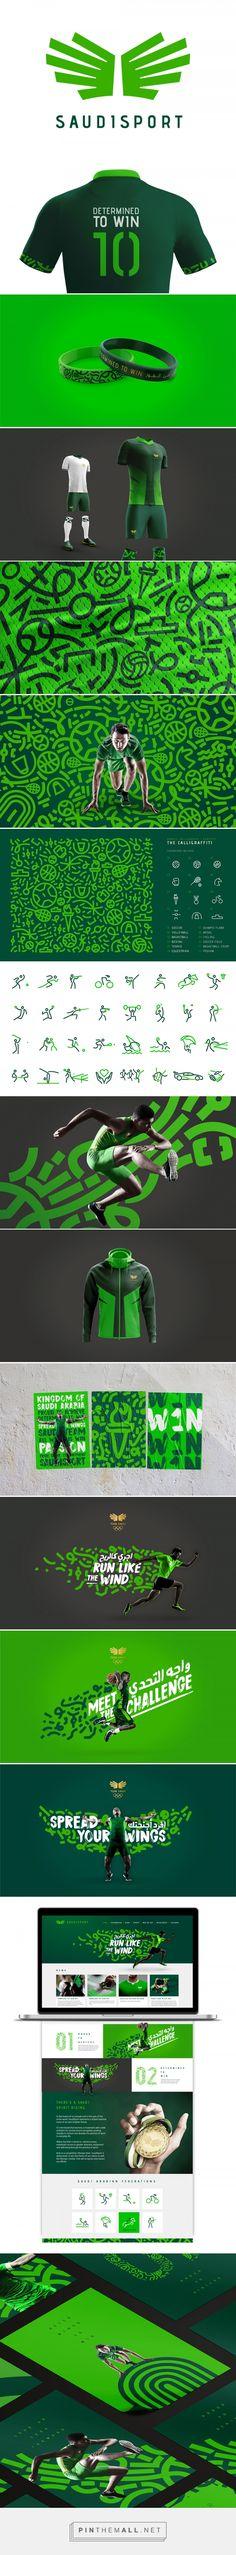 El deporte en Arabia Saudí tiene una nueva marca, creada por Interbrand | Brandemia_... - a grouped images picture - Pin Them All